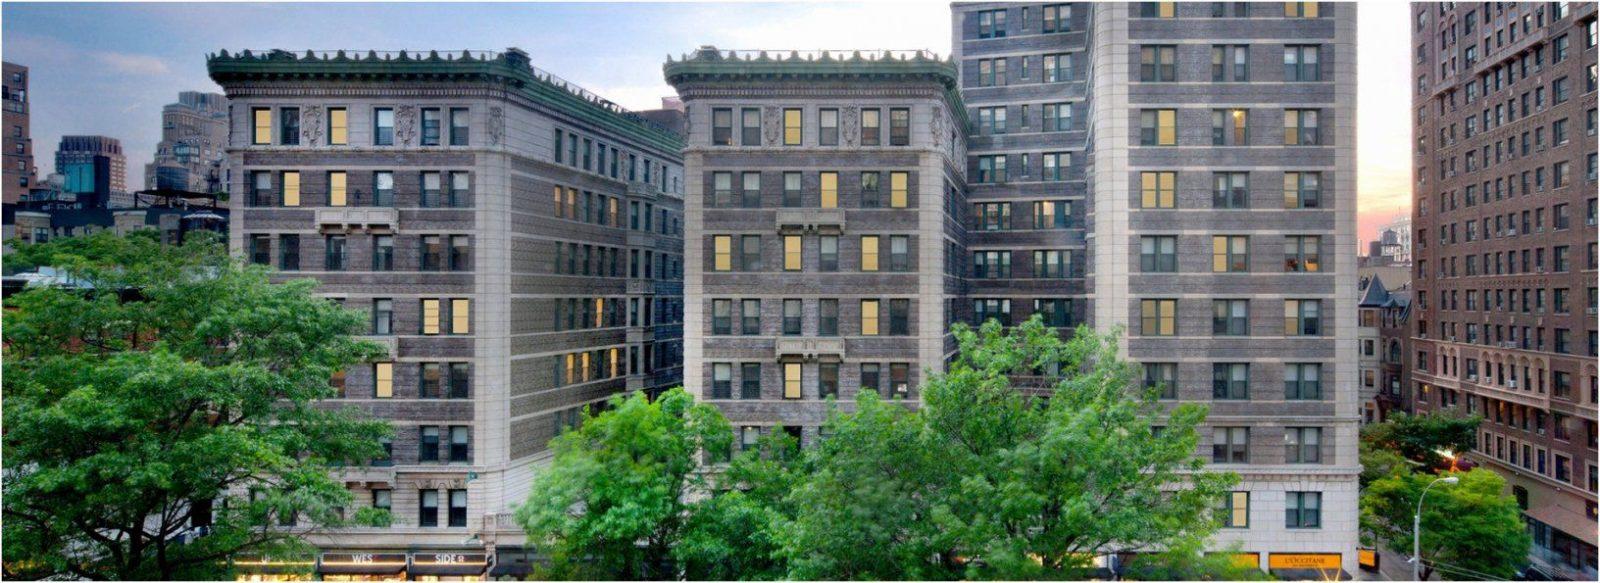 Schön New York Wohnungen Schön  Home Ideen  Home Ideen von Wohnung Mieten In New York Photo